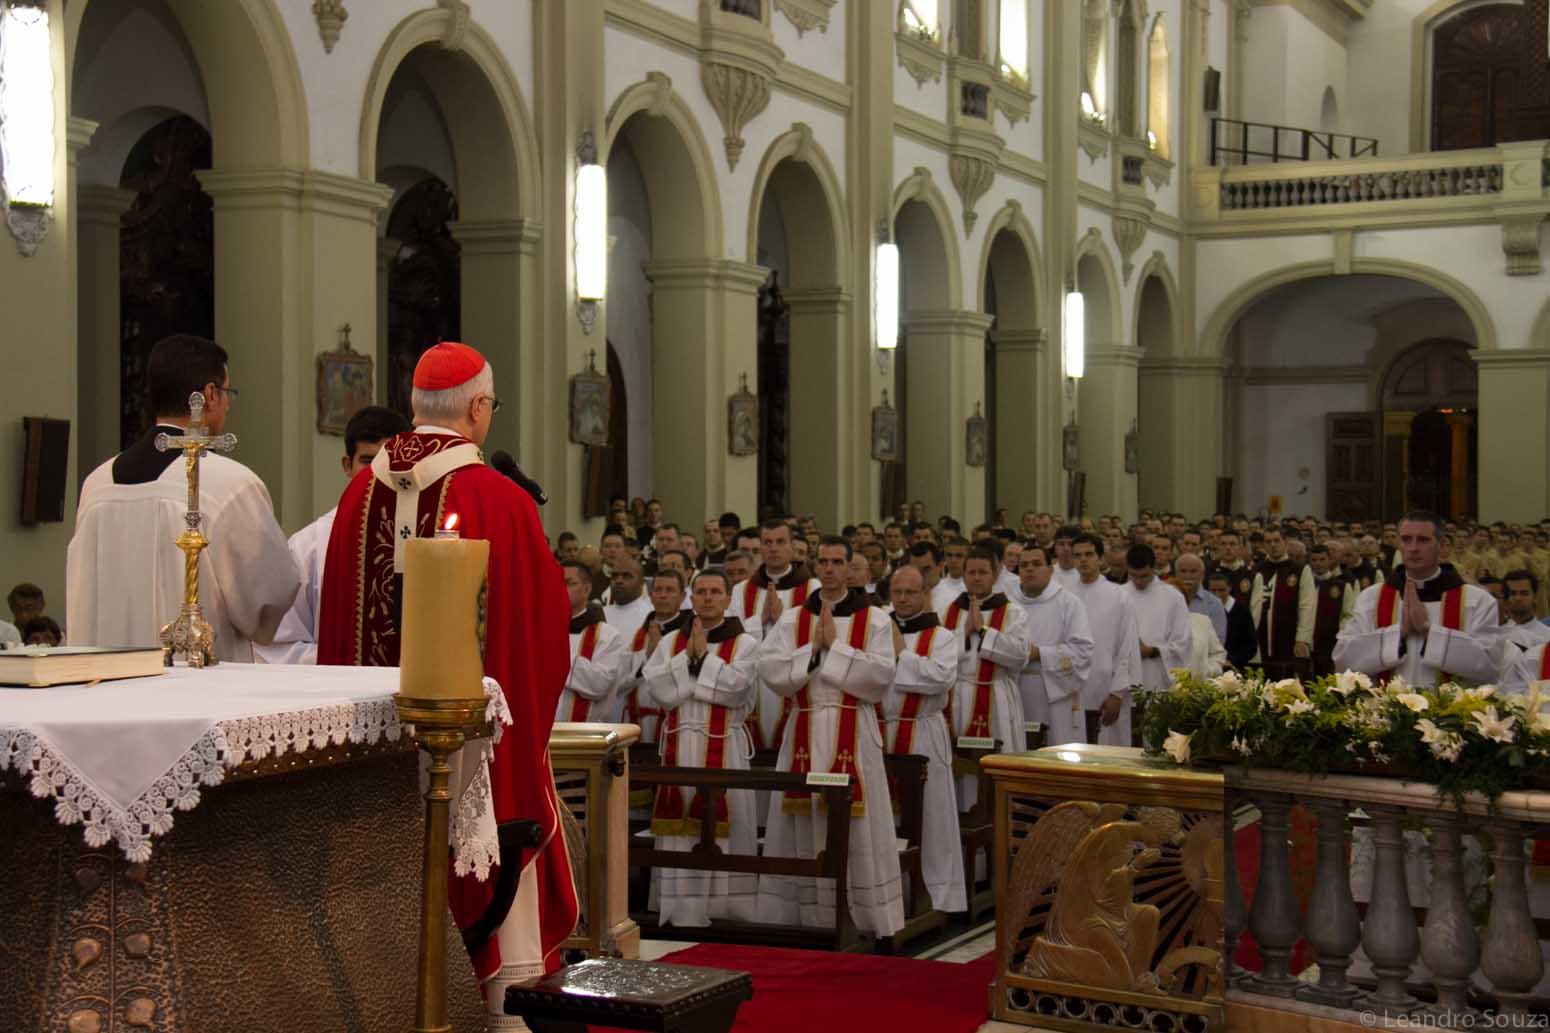 aniversario-de-don-odili-scherer-cardeal-arcebispo-de-sao-paulo-foto-arautos-do-evangelho-ls-blog-arautos-do-evangelho-divina-providencia-2